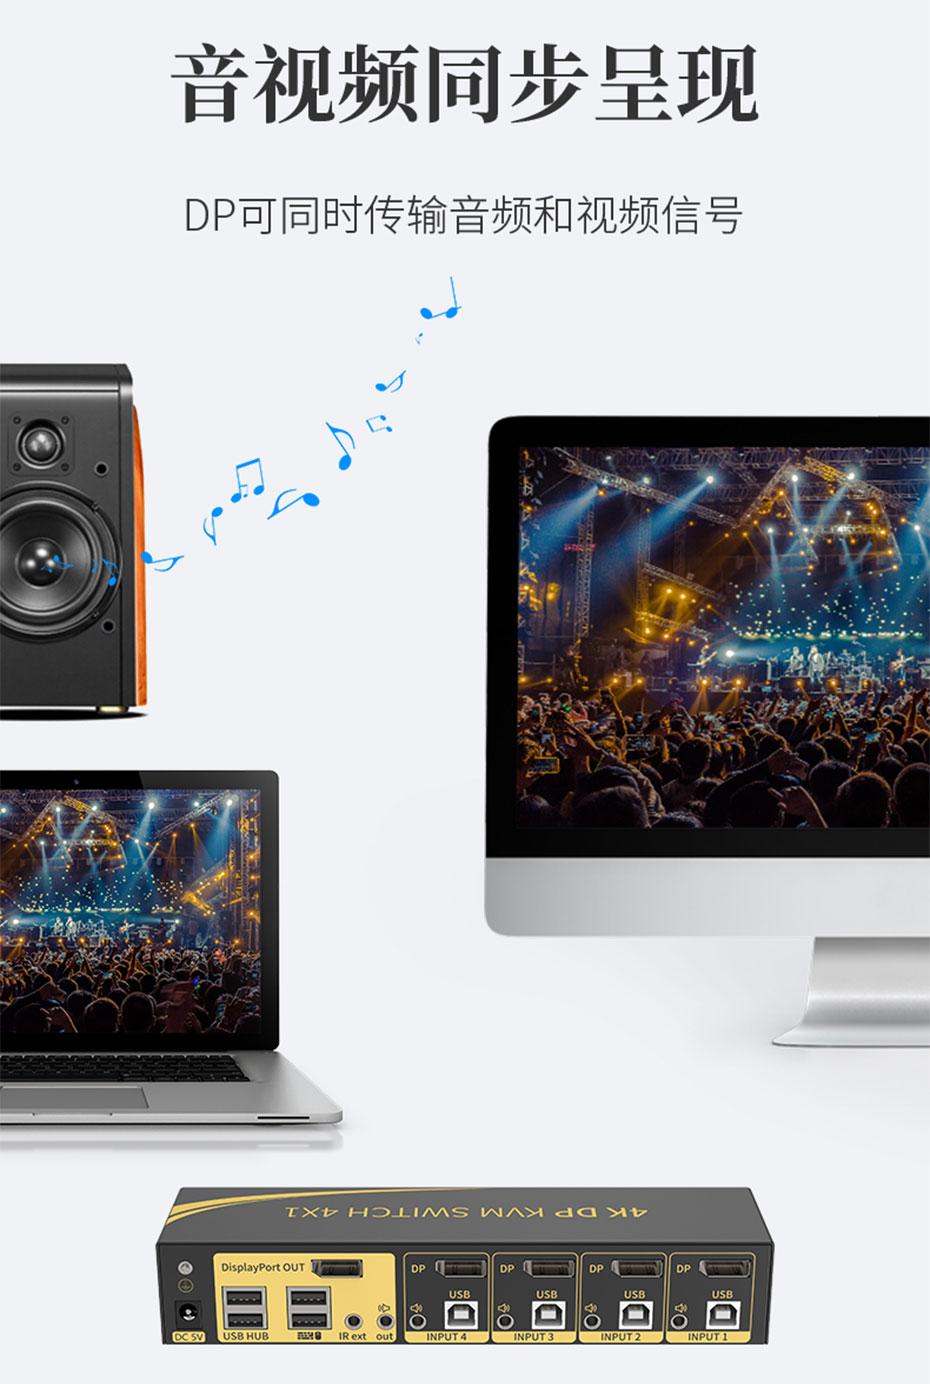 DP KVM切换器4进1出41DP支持音频和视频同步传输